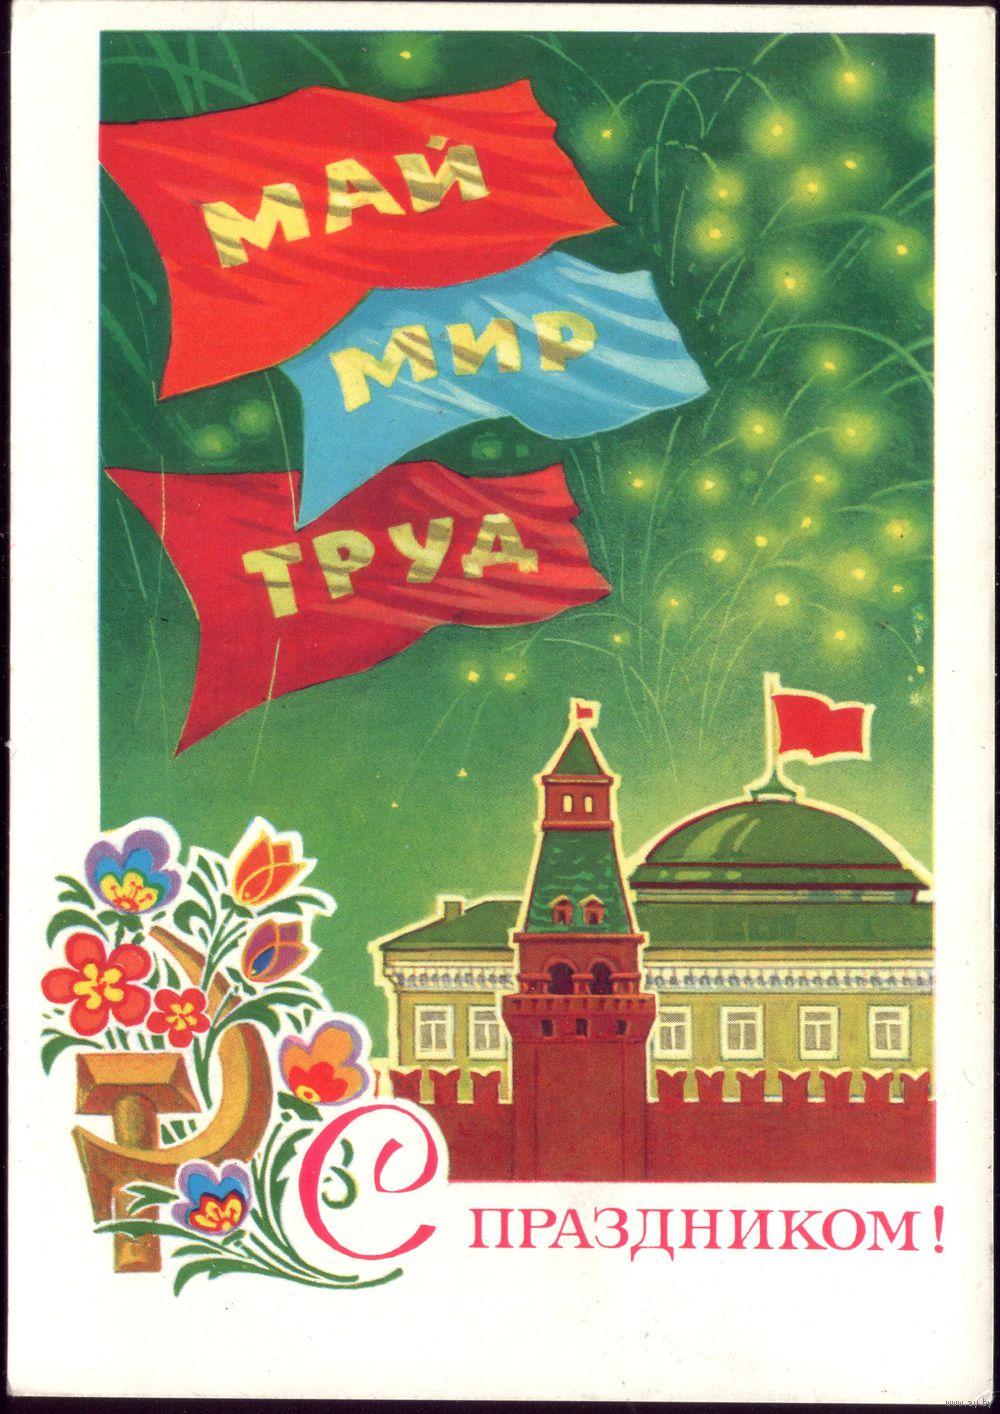 Книга советский мир в открытке